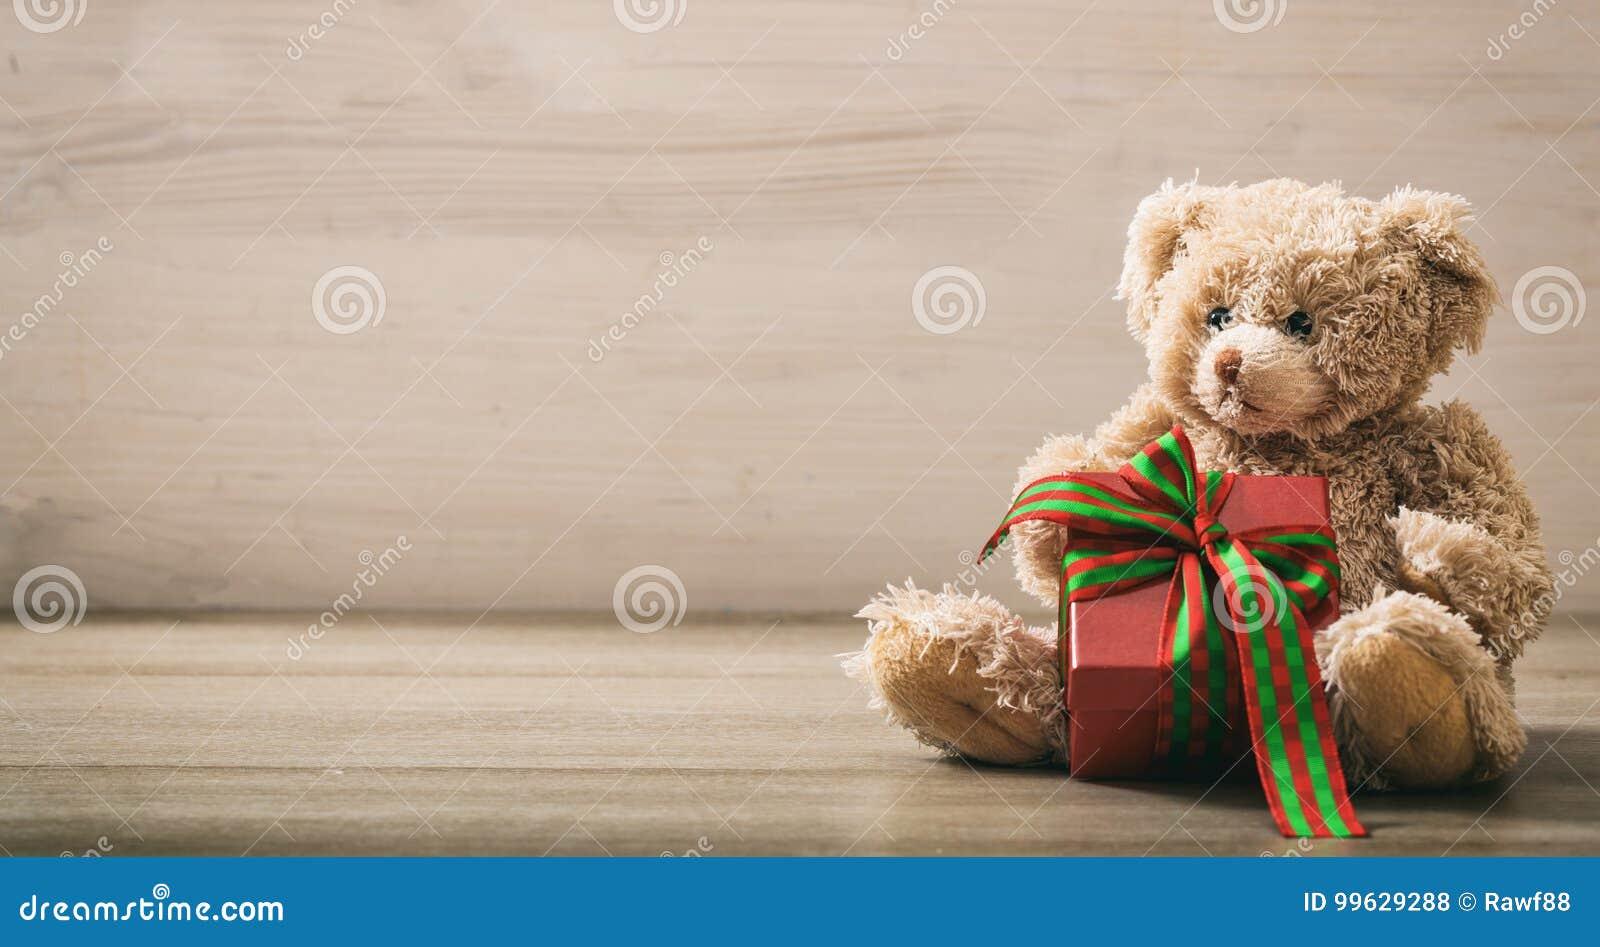 Teddybär holdimg ein Geschenk auf einem Bretterboden